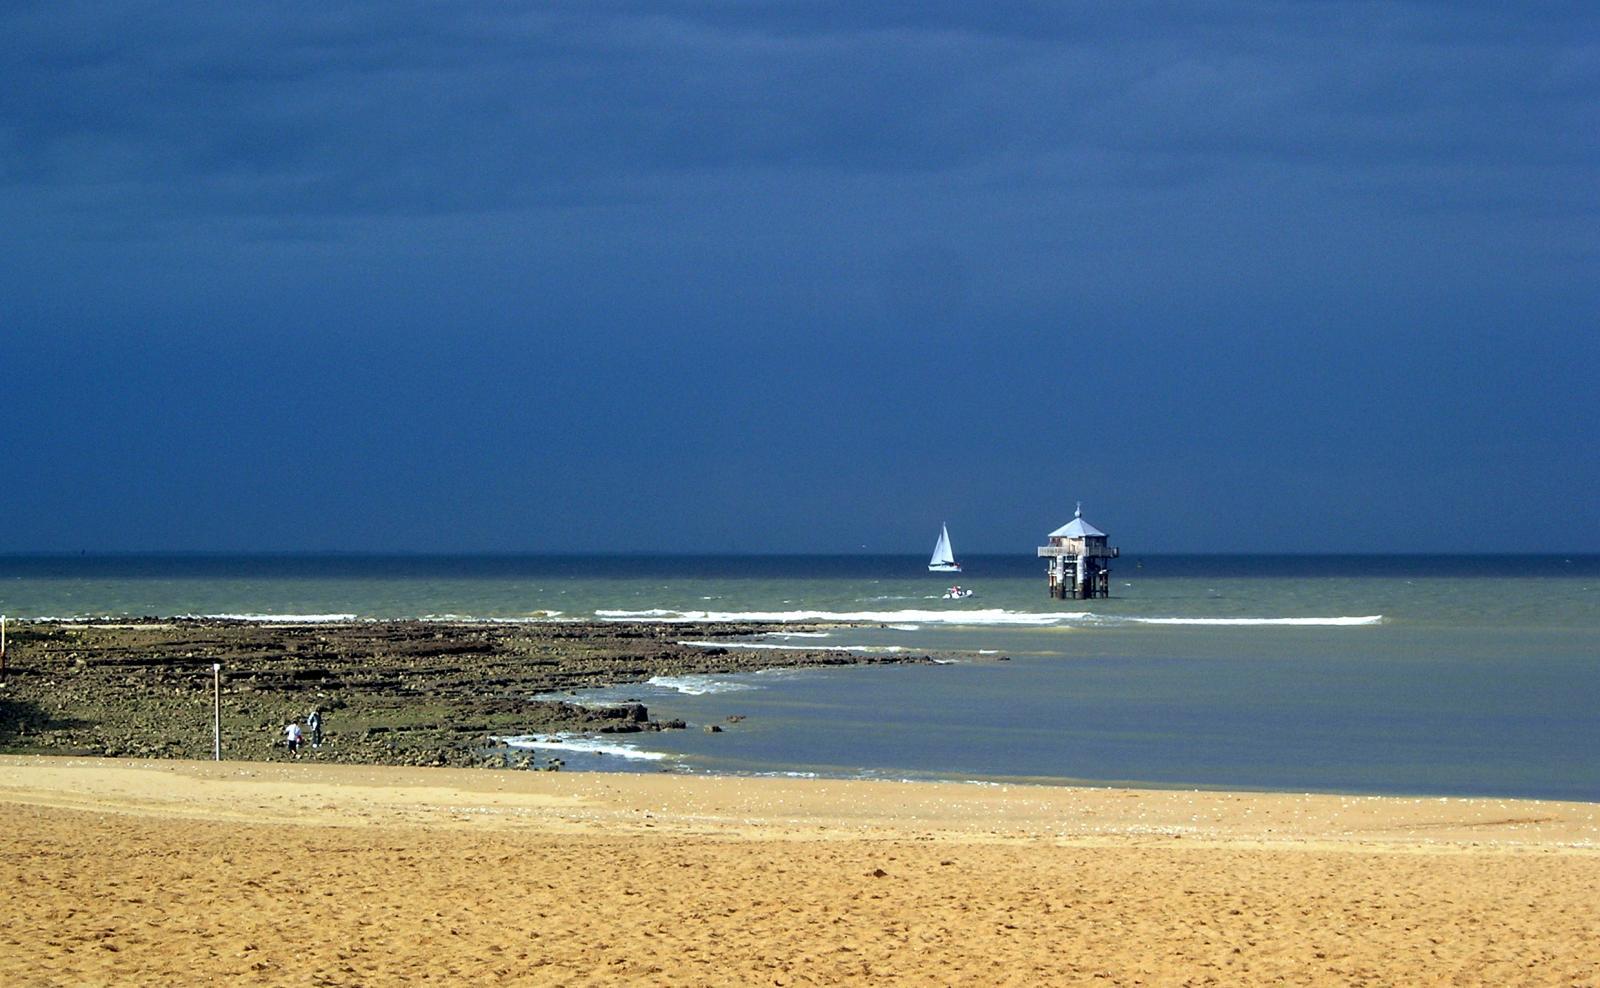 plage-des-minimes-la-rochelle-1353426957